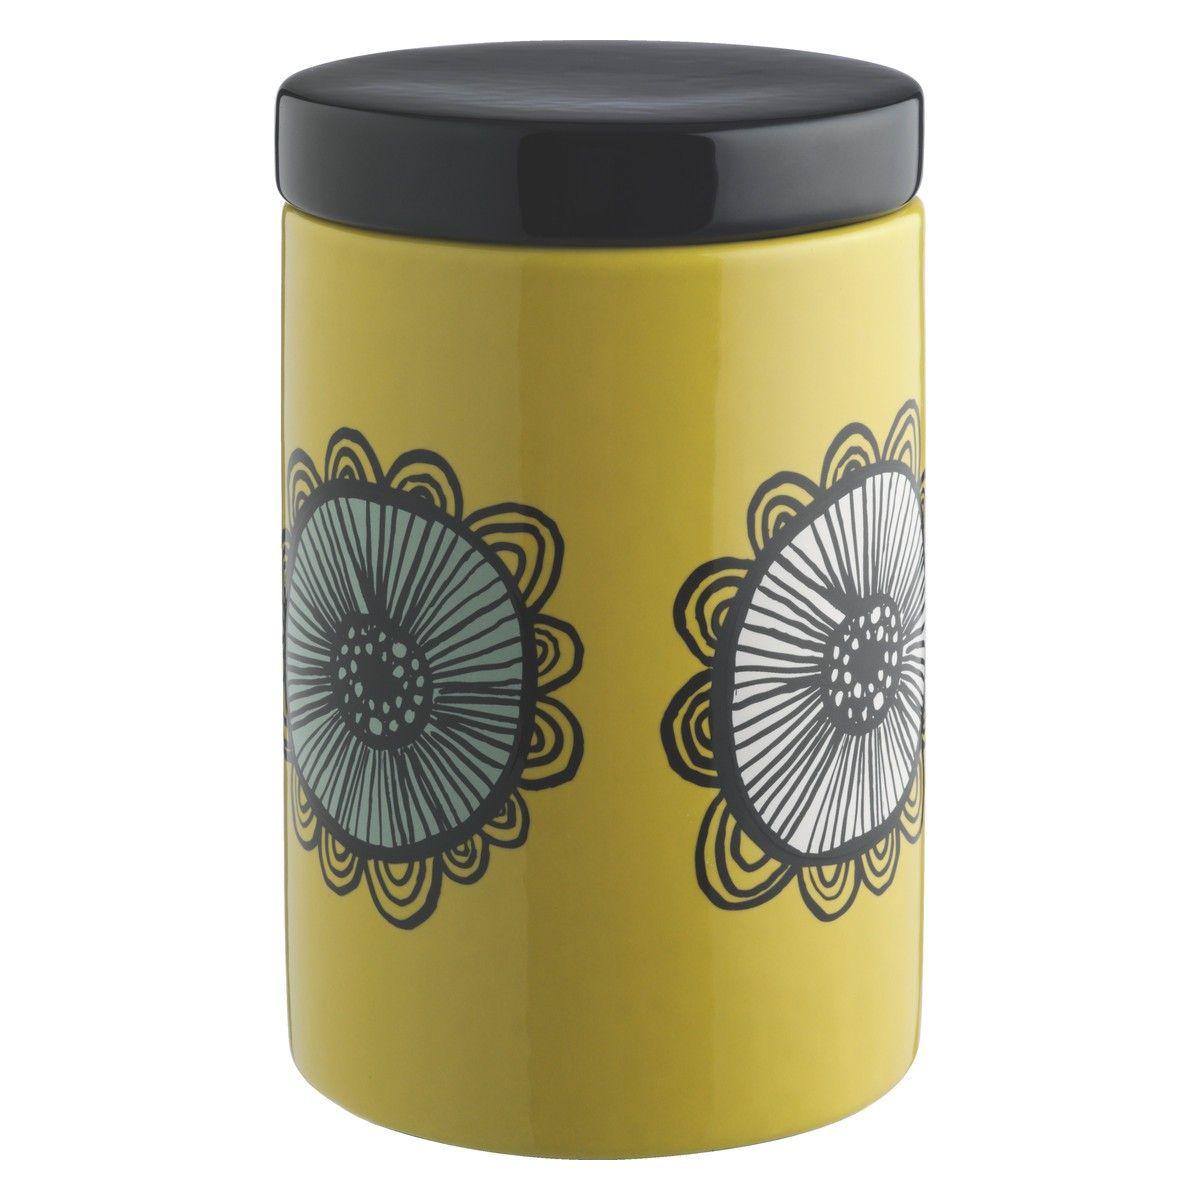 Yellow Kitchen Storage: FREDA Saffron Yellow Floral Storage Jar H16cm